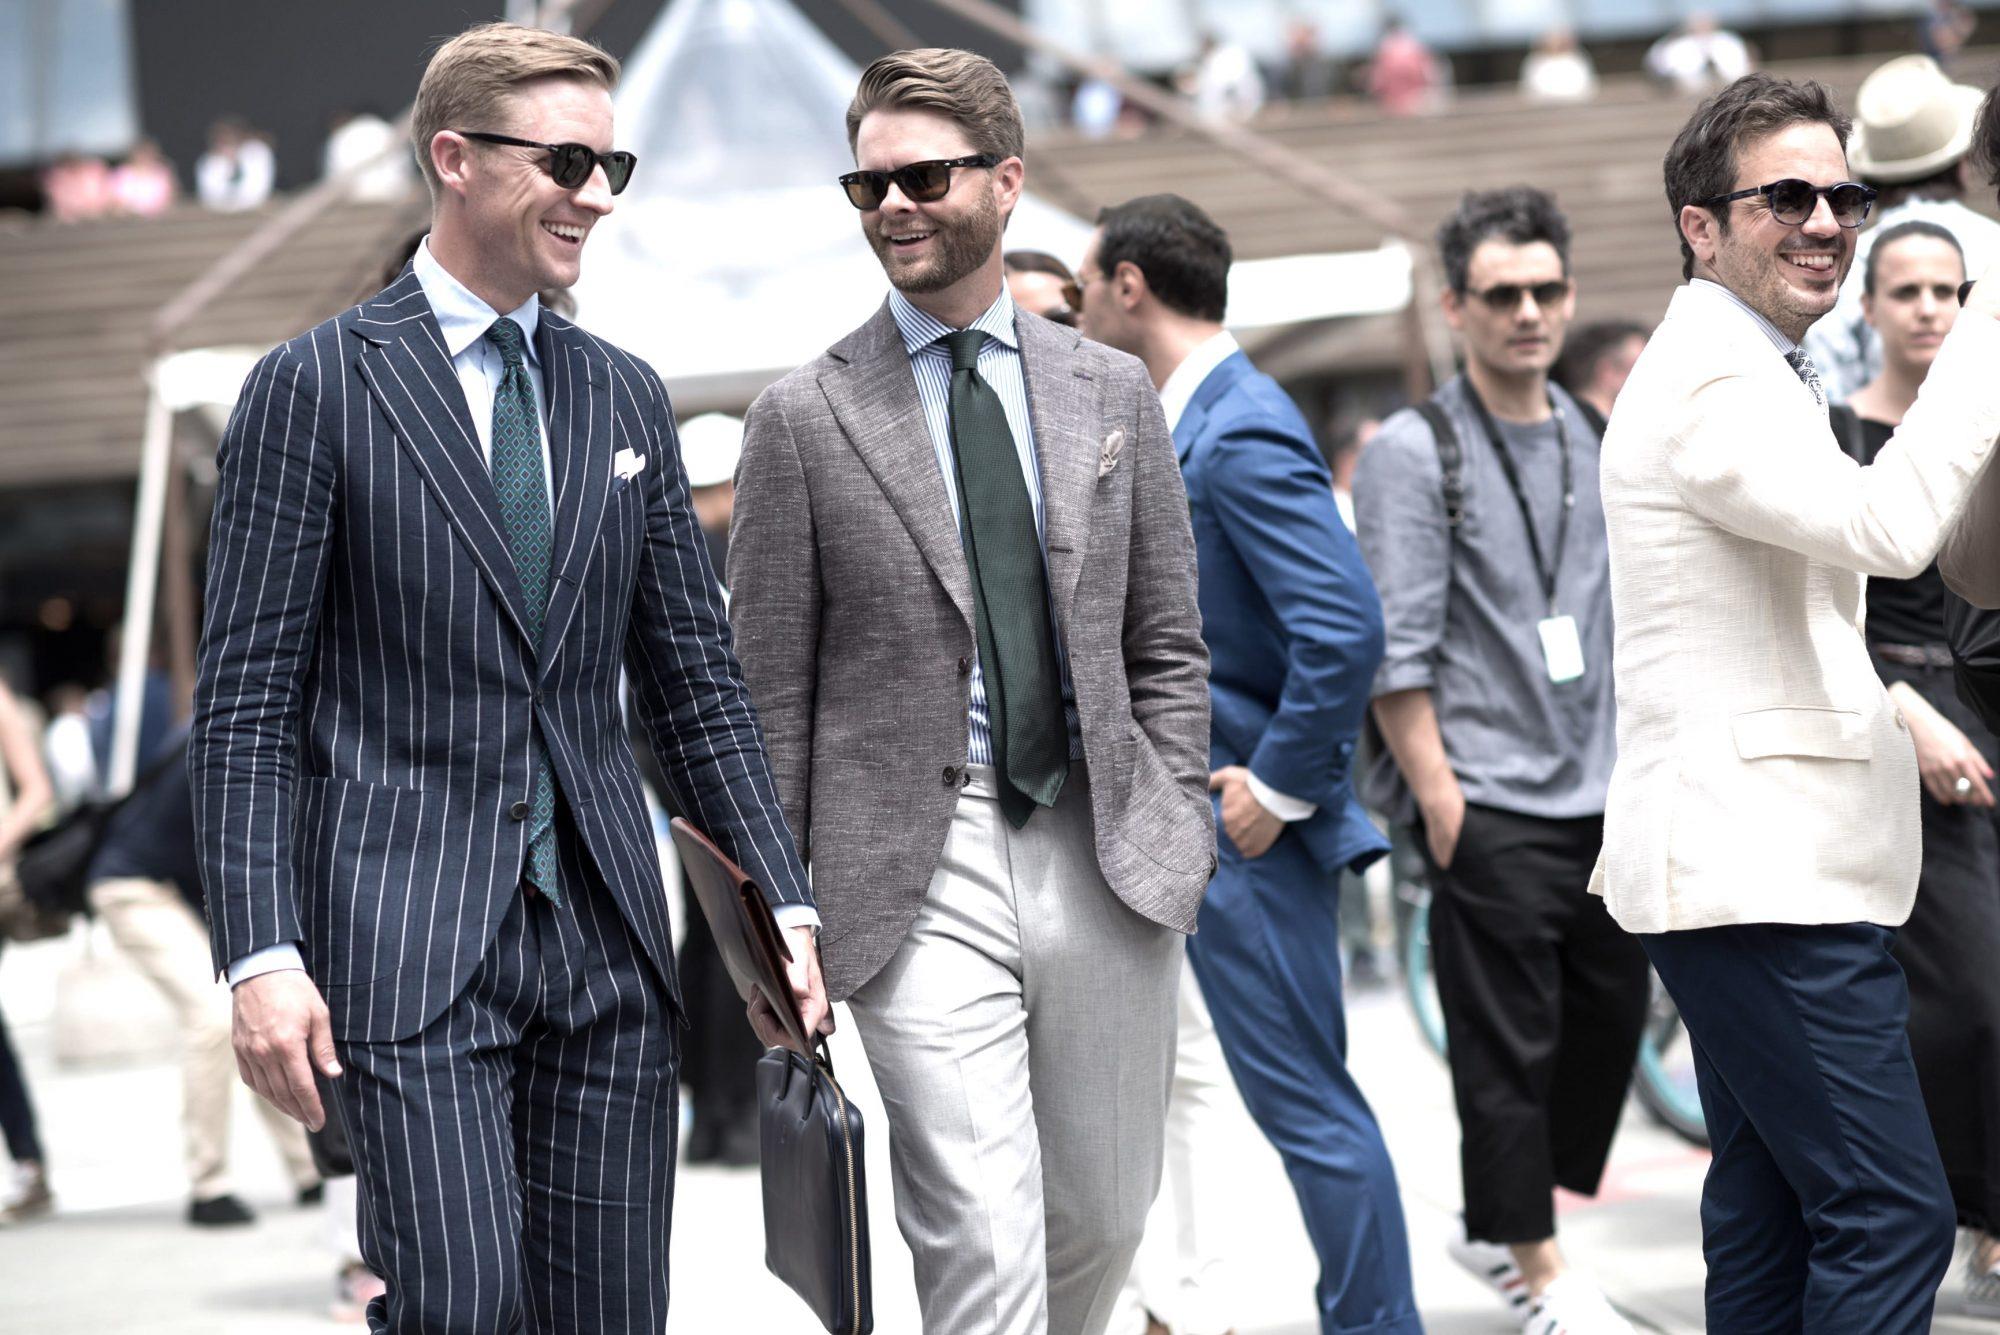 Comment bien s habiller en été quand il fait chaud   Conseils pour homme 2014fa94ce0